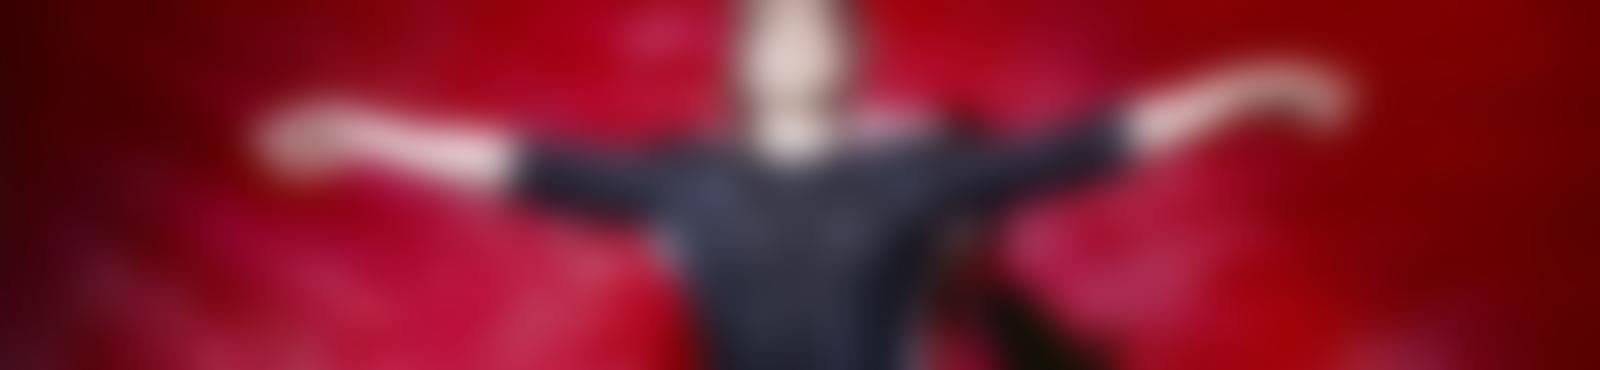 Blurred c7a5d8e5 9894 4960 9c09 31f4cf187d6a